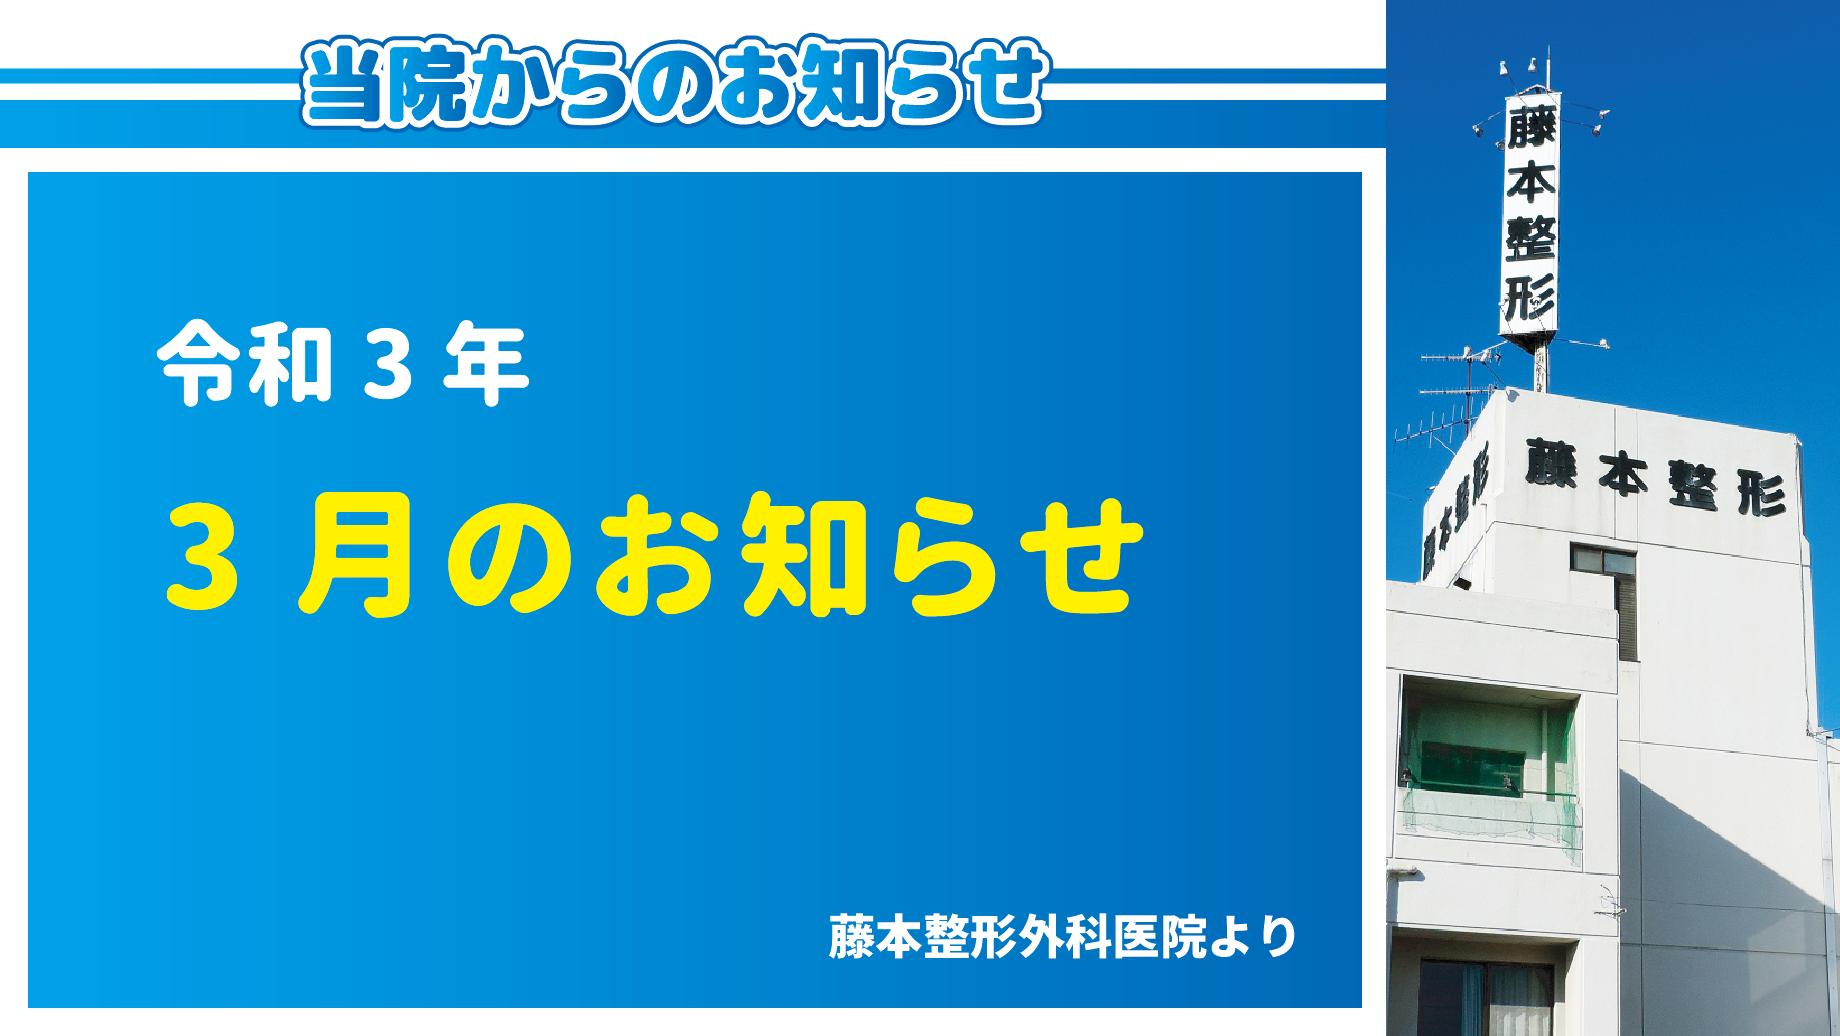 令和3年03月のお知らせ(大分の藤本整形外科医院より)